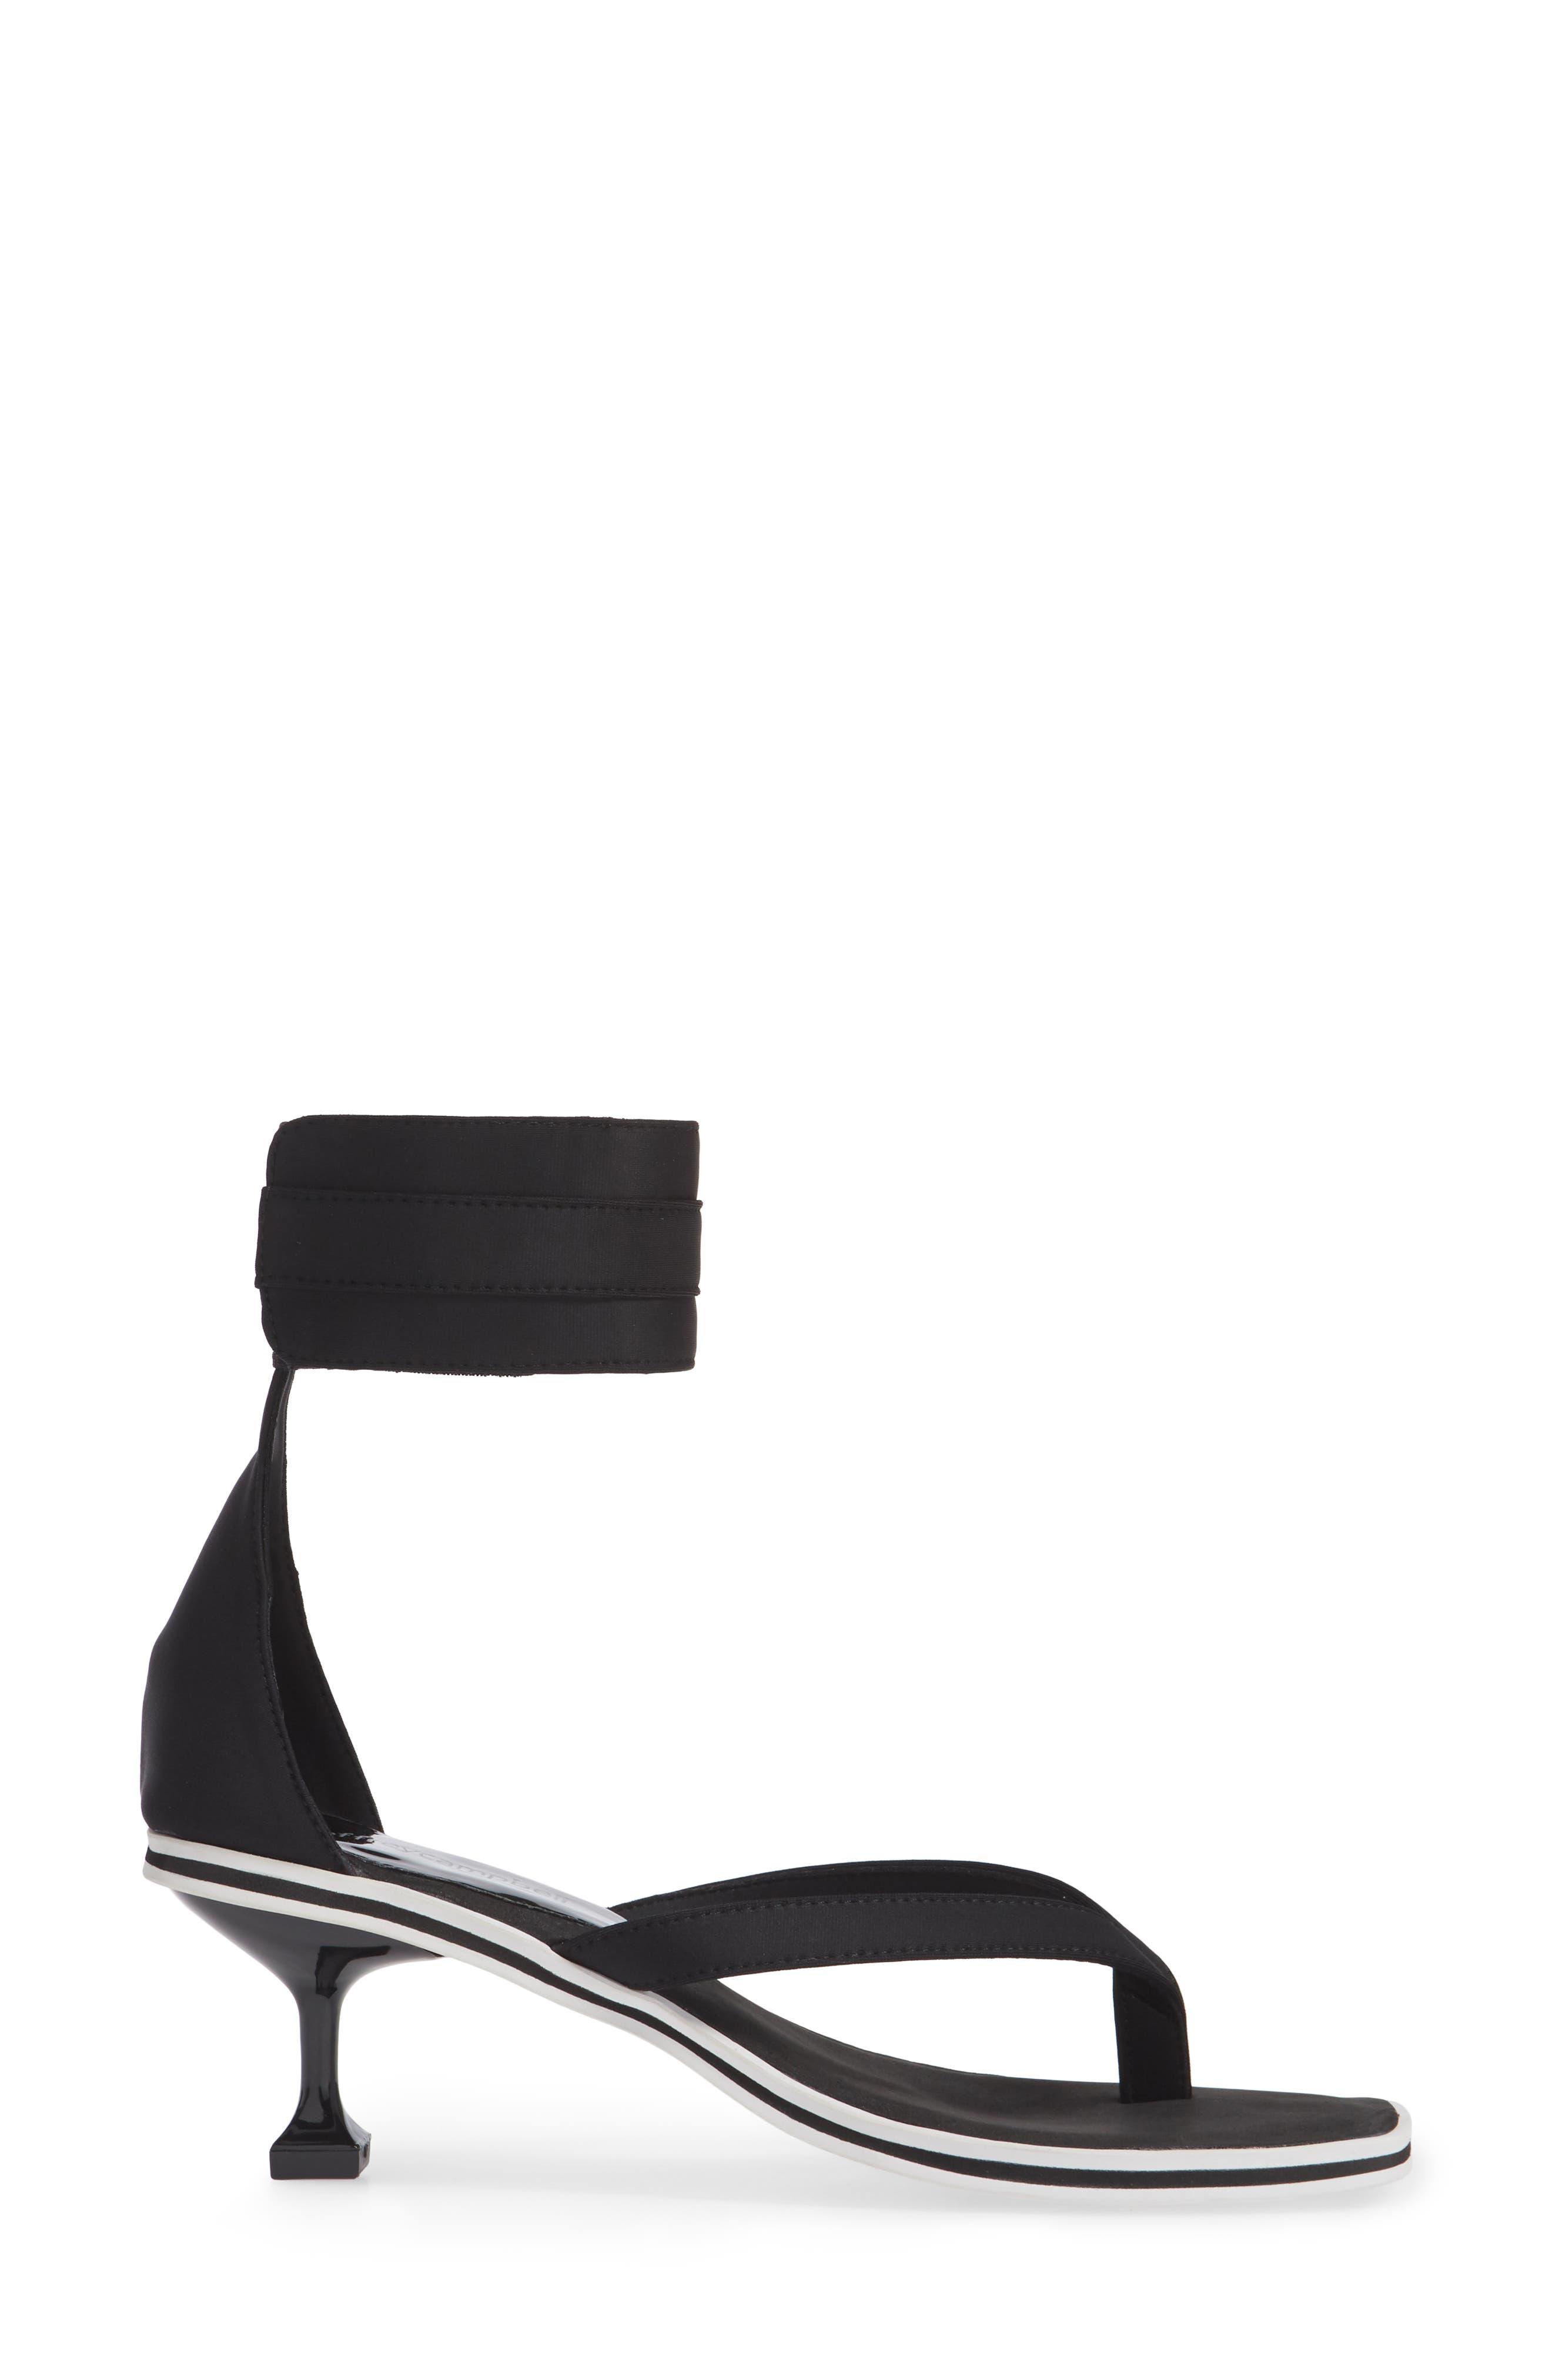 Dribble Cuff Pedestal Sandal,                             Alternate thumbnail 5, color,                             Black Neoprene White Fabric